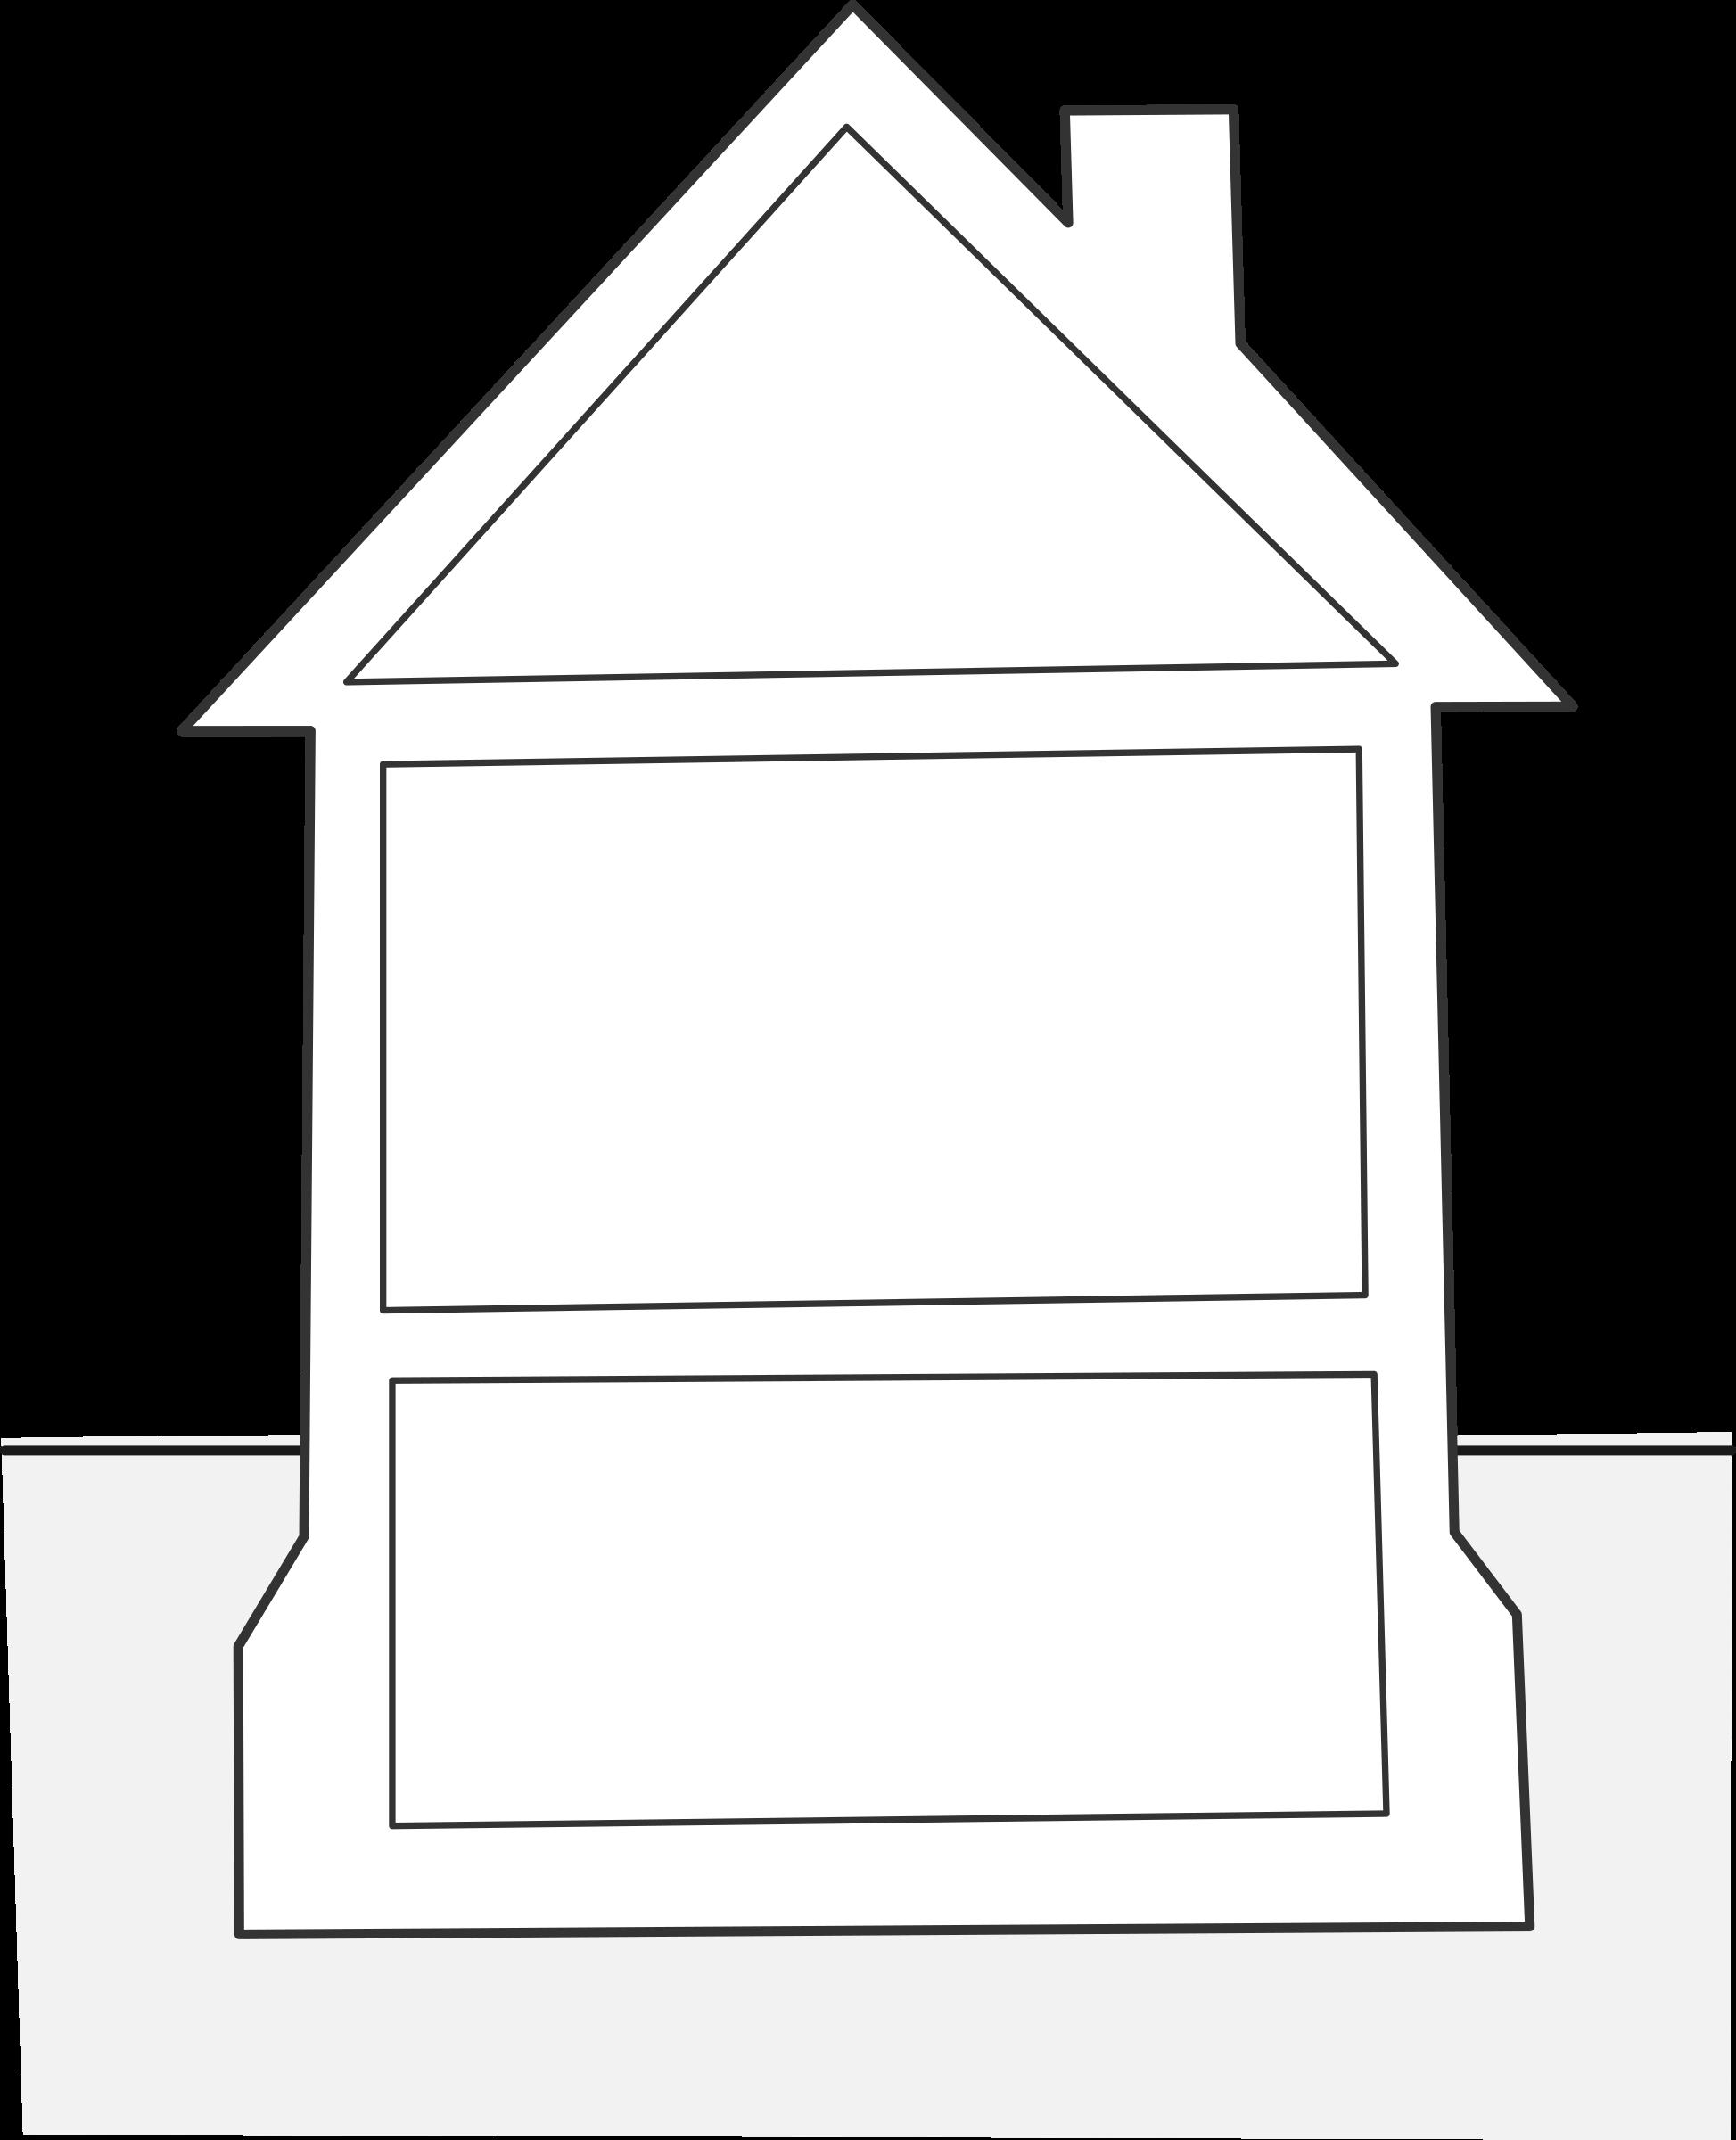 Clipart - house elevation / élévation maison clipart royalty free stock